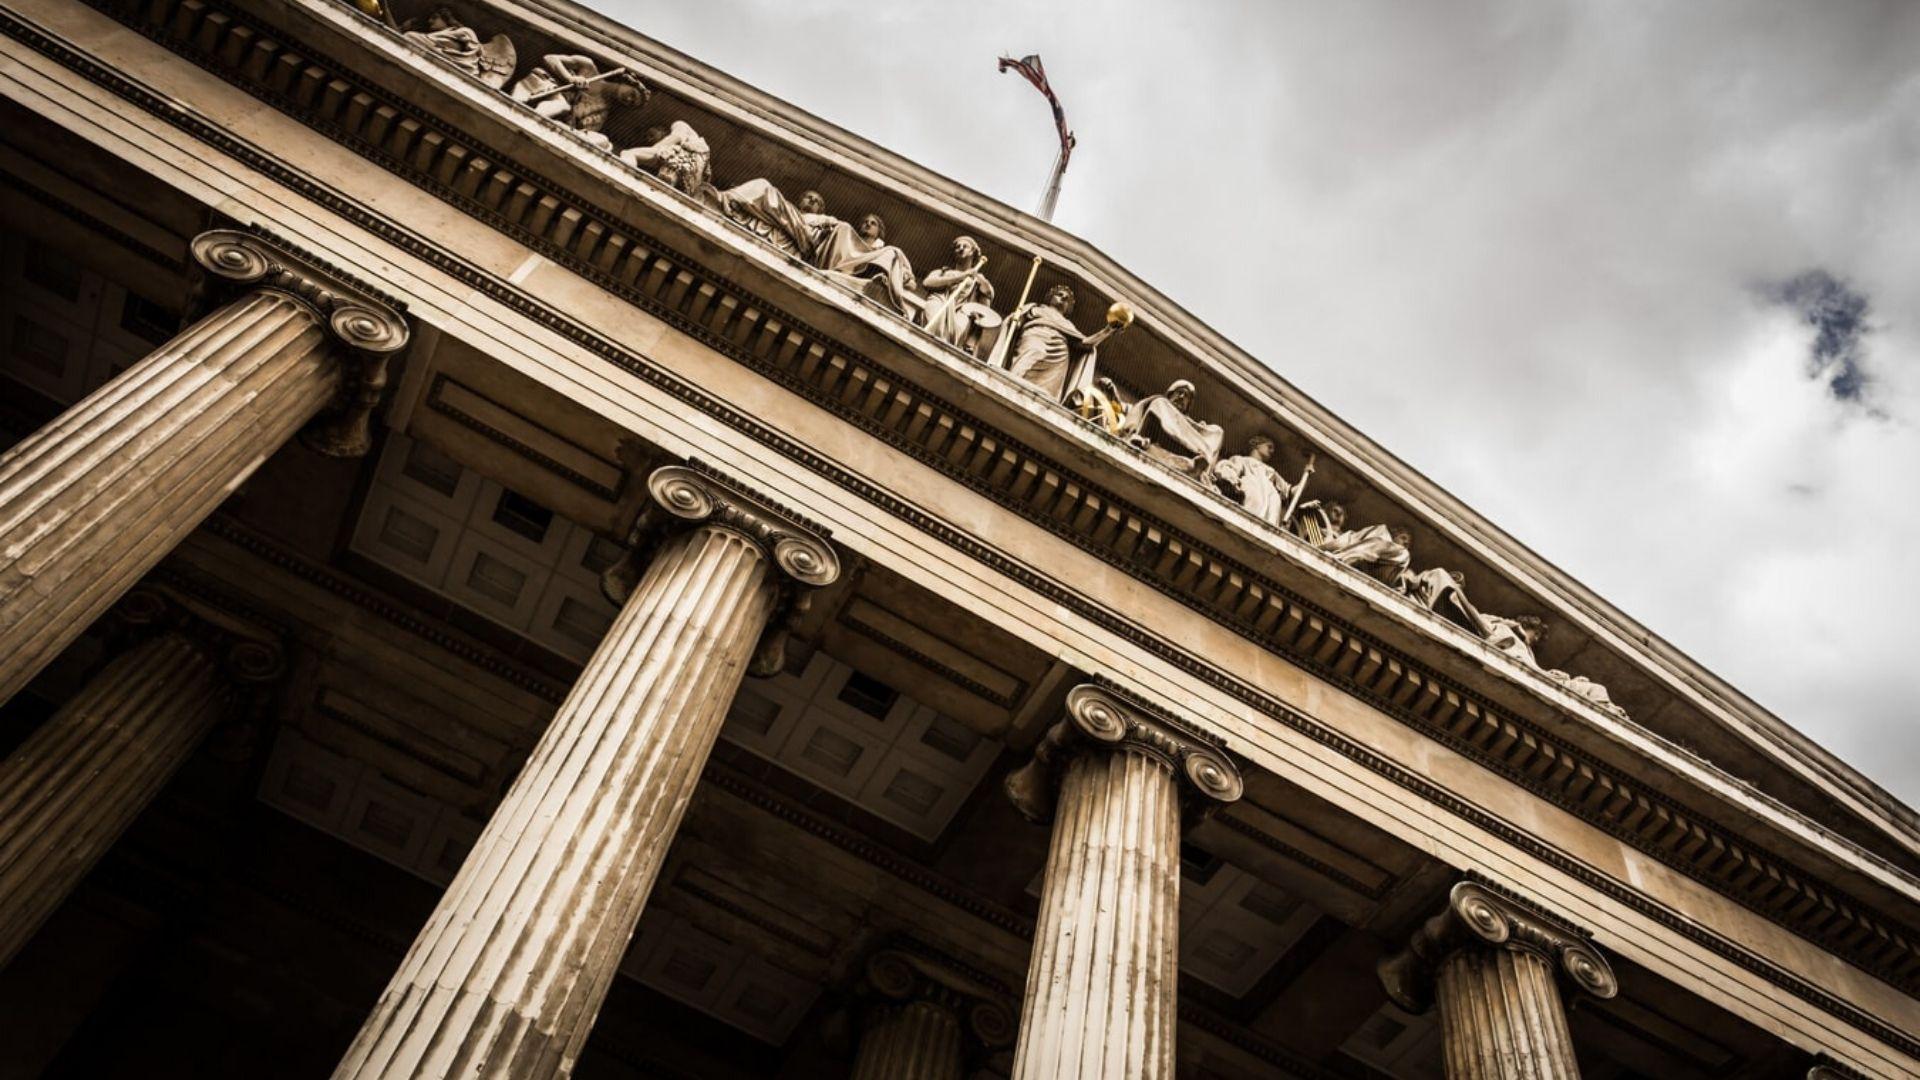 derecho penal fernandez quejo abogados estepona